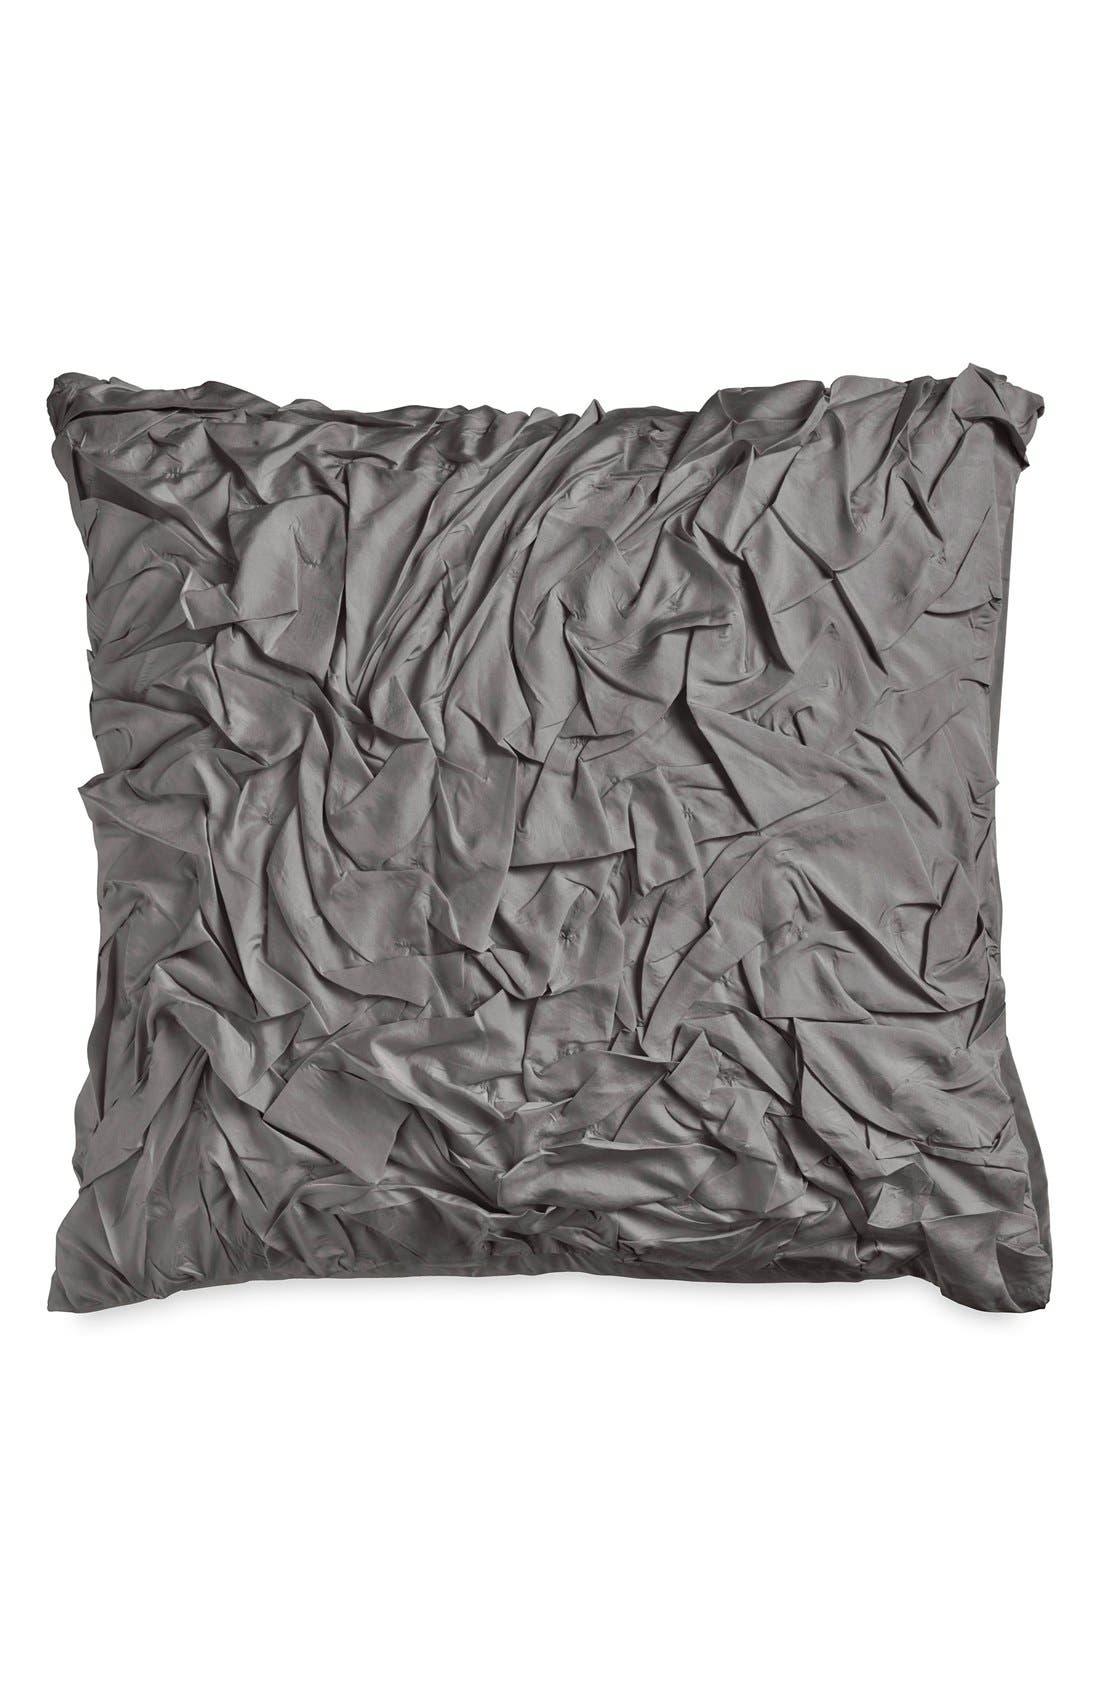 Donna Karan Collection 'Silk Essentials' Euro Sham